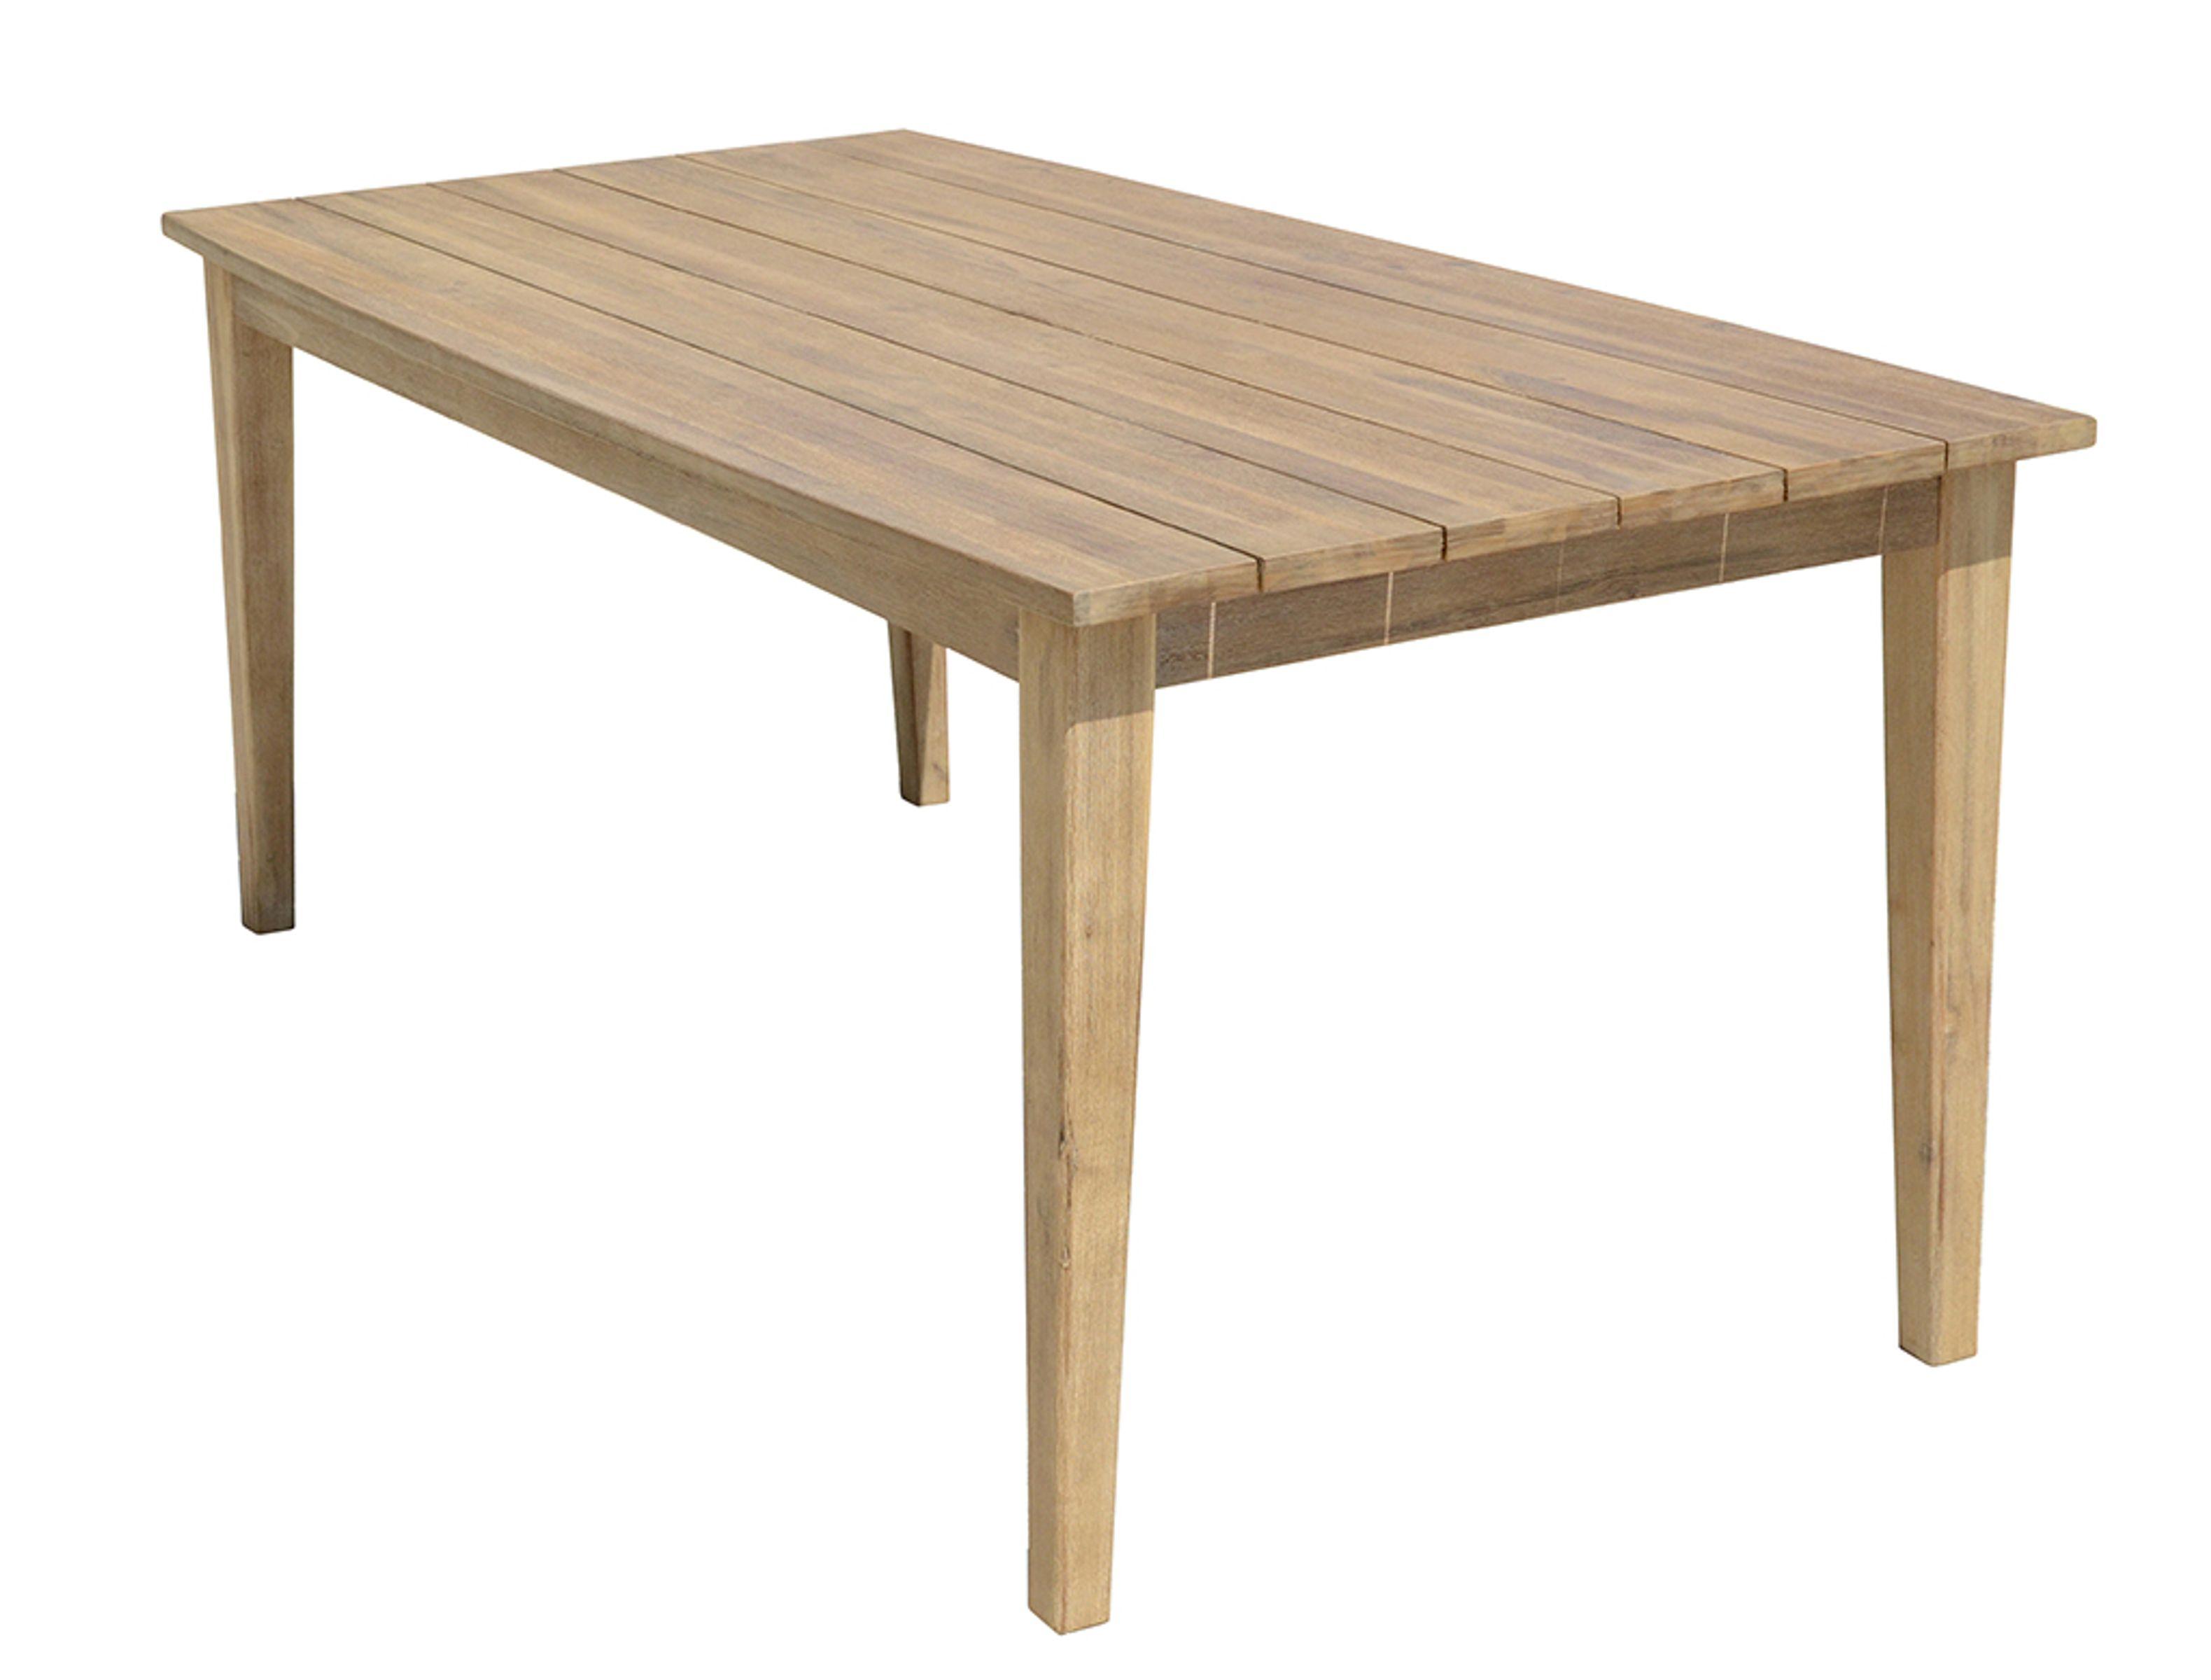 Tisch Holztisch Esstisch Gartentisch Garten Tisch Kaffeetisch Balkon